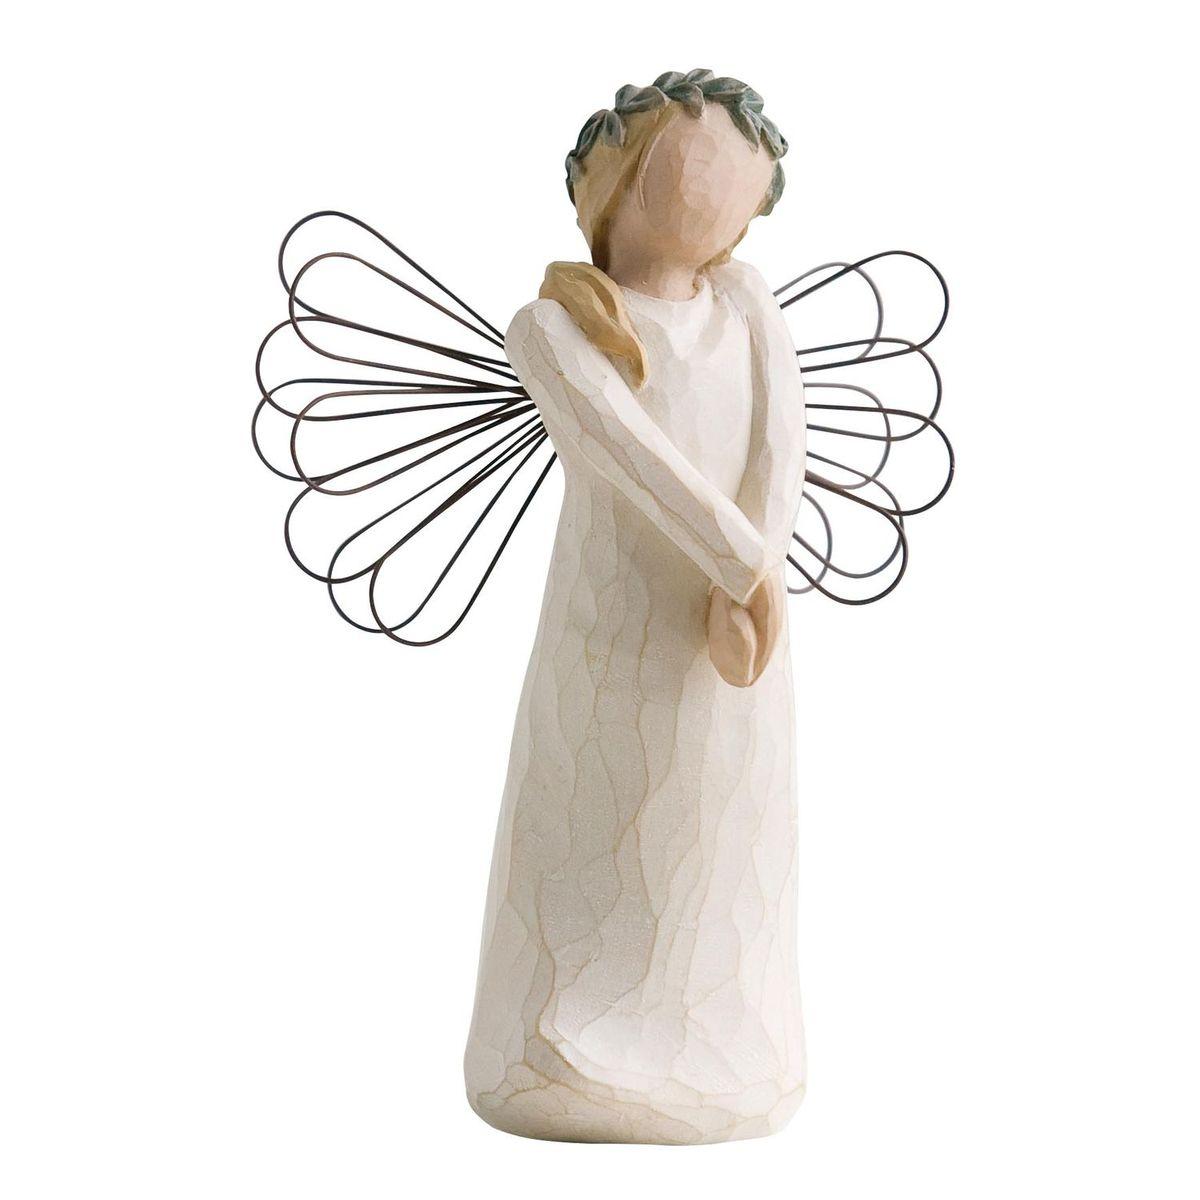 Фигурка Willow Tree Ангел праздника, 10,5 см26108Эти прекрасные статуэтки созданы канадским скульптором Сьюзан Лорди. Каждая фигурка – это настоящее произведение искусства, образная скульптура в миниатюре, изображающая эмоции и чувства, которые помогают нам чувствовать себя ближе к другим, верить в мечту, выражать любовь. Каждая фигурка помещена в красивую упаковку. Купить такой оригинальный подарок, значит не только украсить интерьер помещения или жилой комнаты, но выразить свое глубокое отношение к любимому человеку. Этот прекрасный сувенир будет лучшим подарком на день ангела, именины, день рождения, юбилей. Материал: Искусственный камень (49% карбонат кальция мелкозернистой разновидности, 51% искусственный камень)